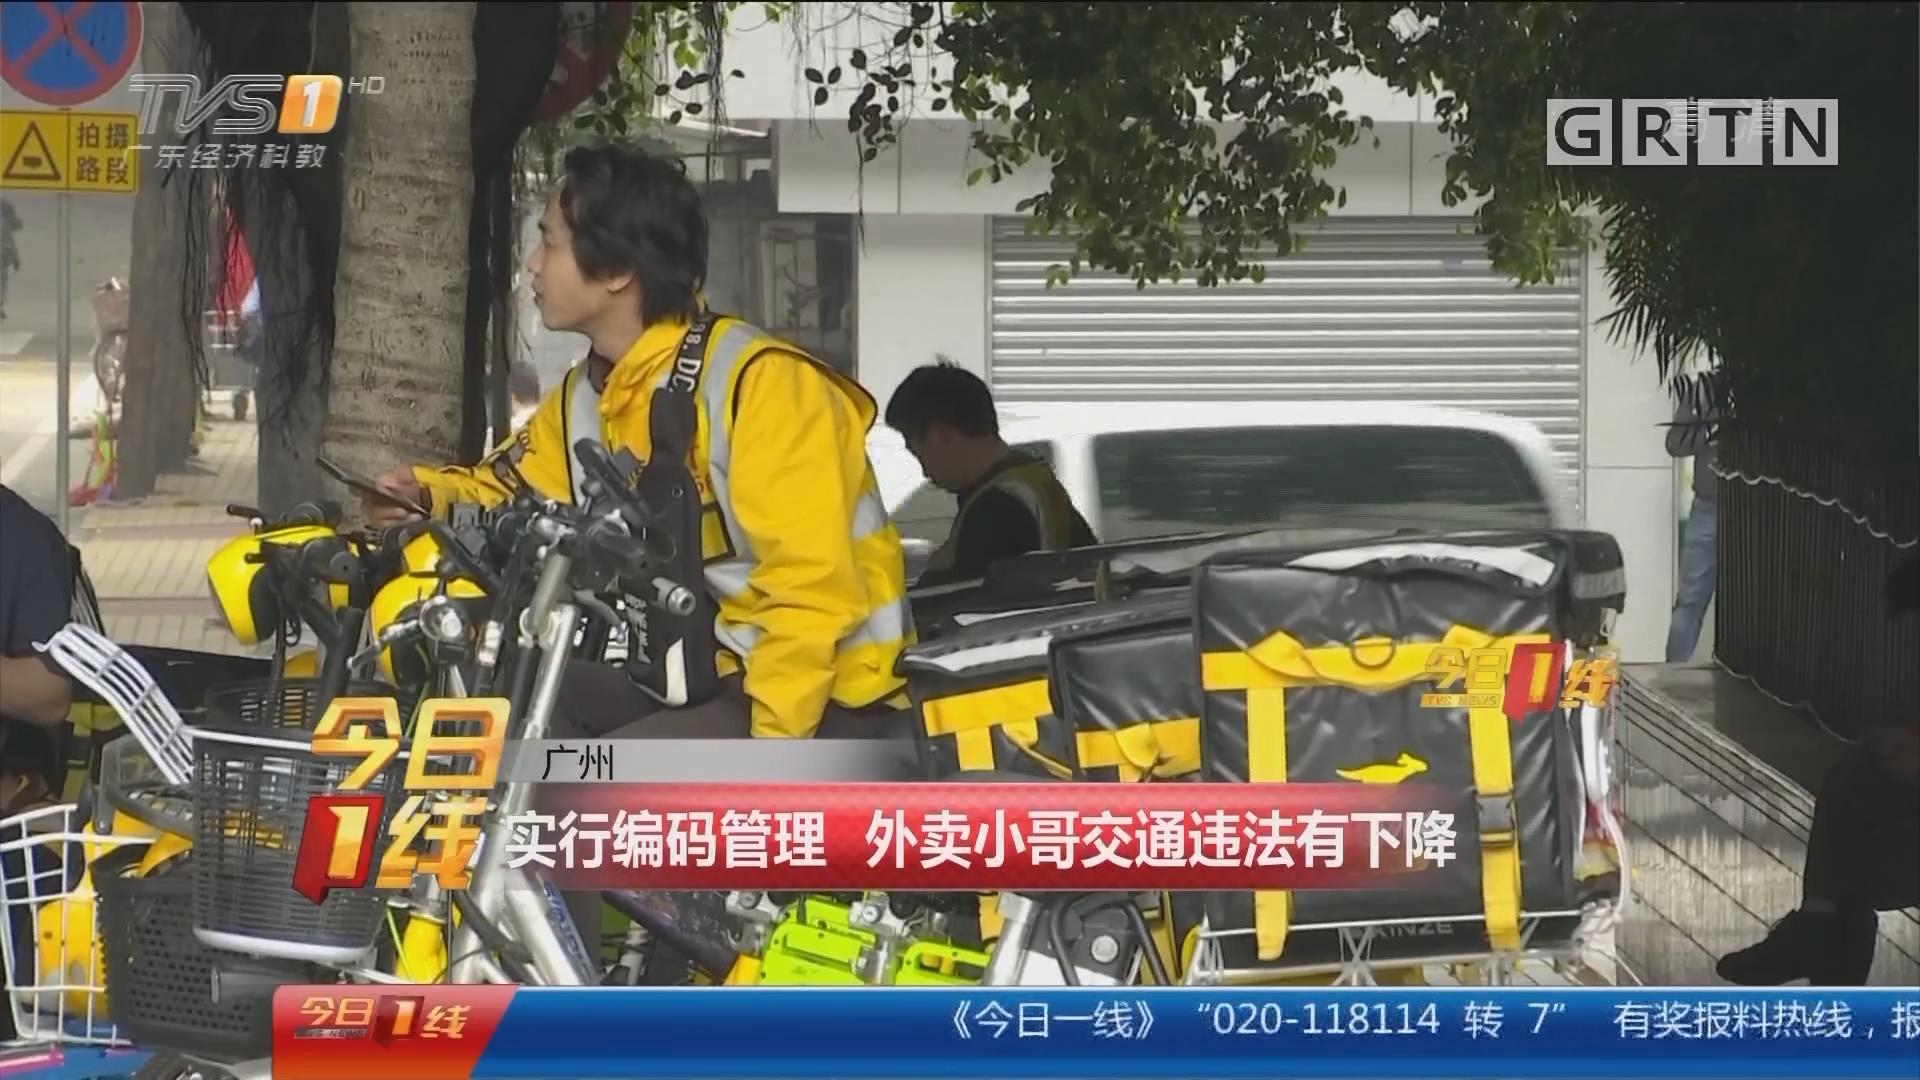 广州:实行编码管理 外卖小哥交通违法有下降